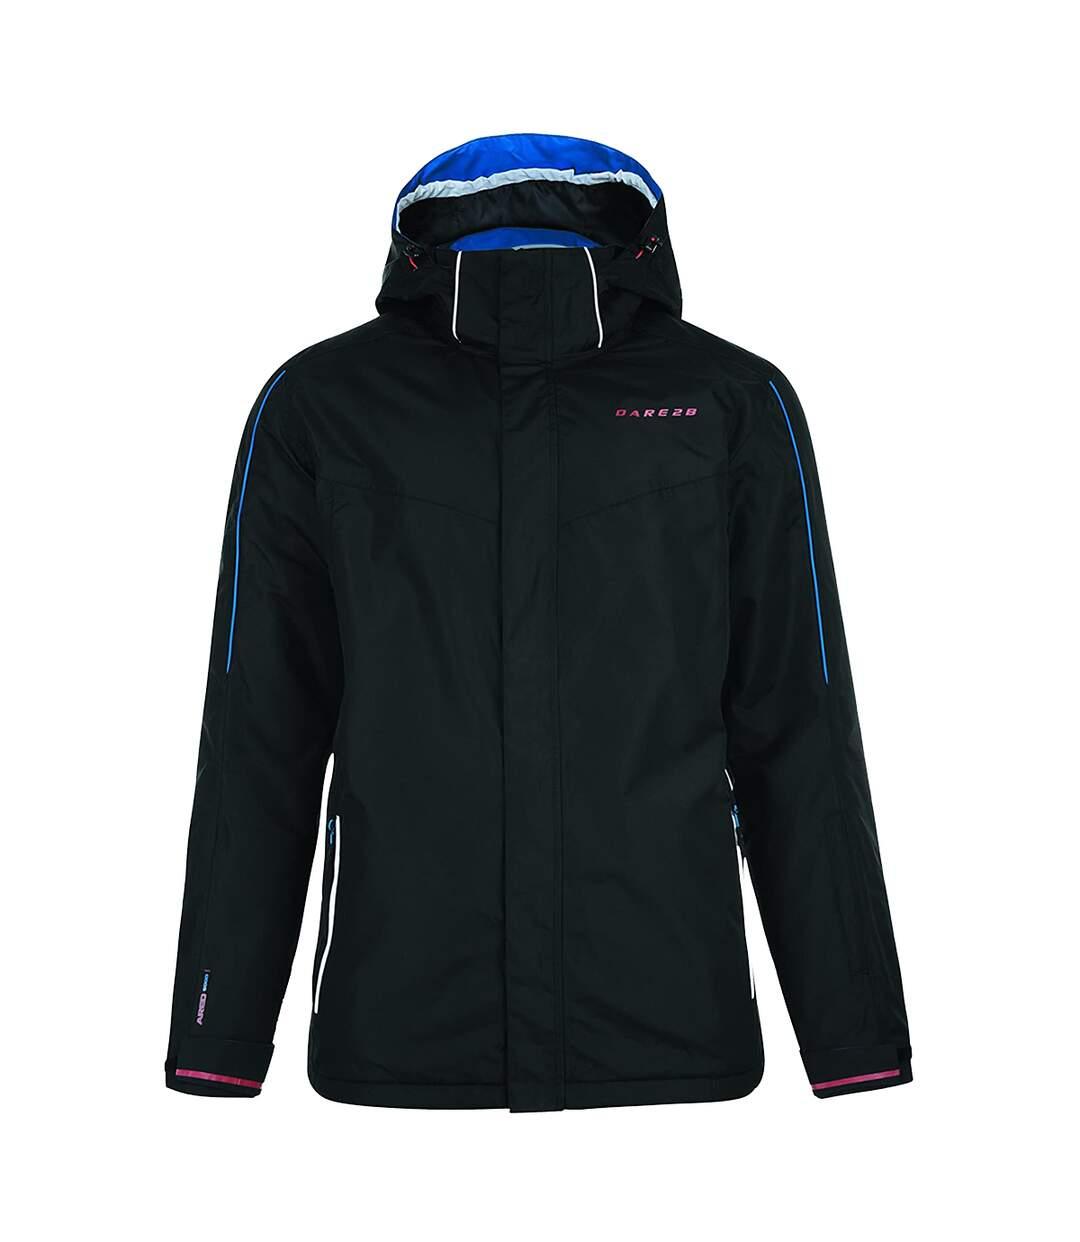 Dare 2B Mens Synced Hooded Waterproof Ski Jacket (Black) - UTRG1244